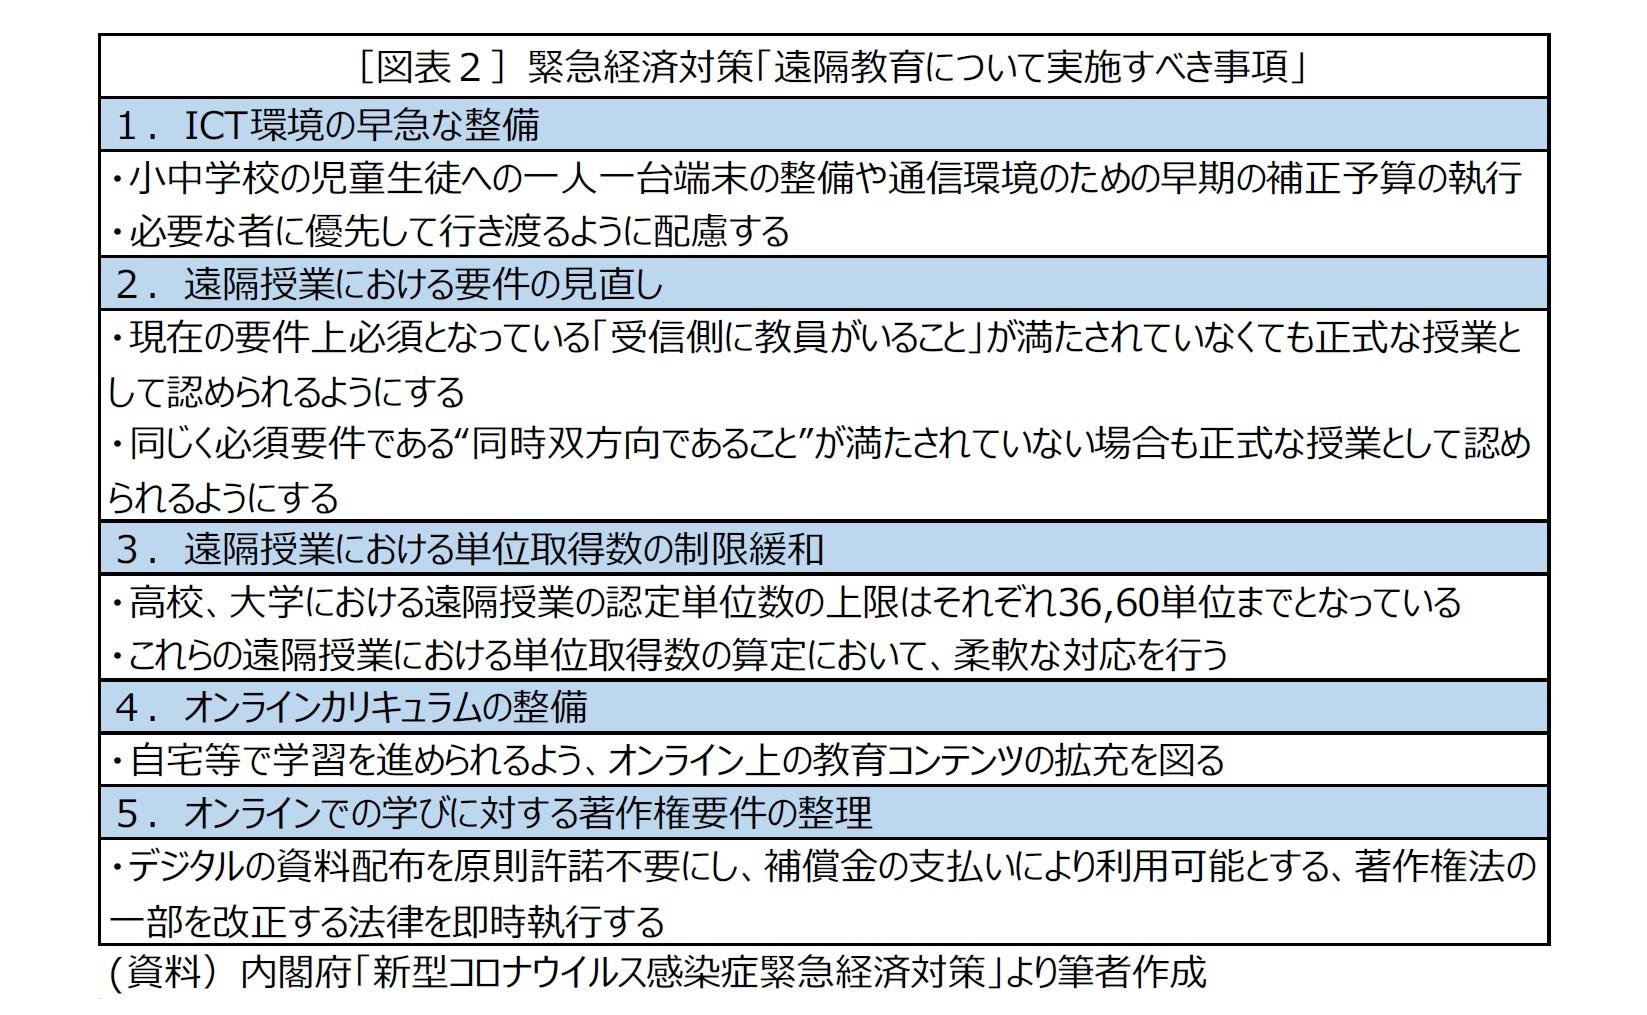 [図表2]緊急経済対策「遠隔教育について実施すべき事項」